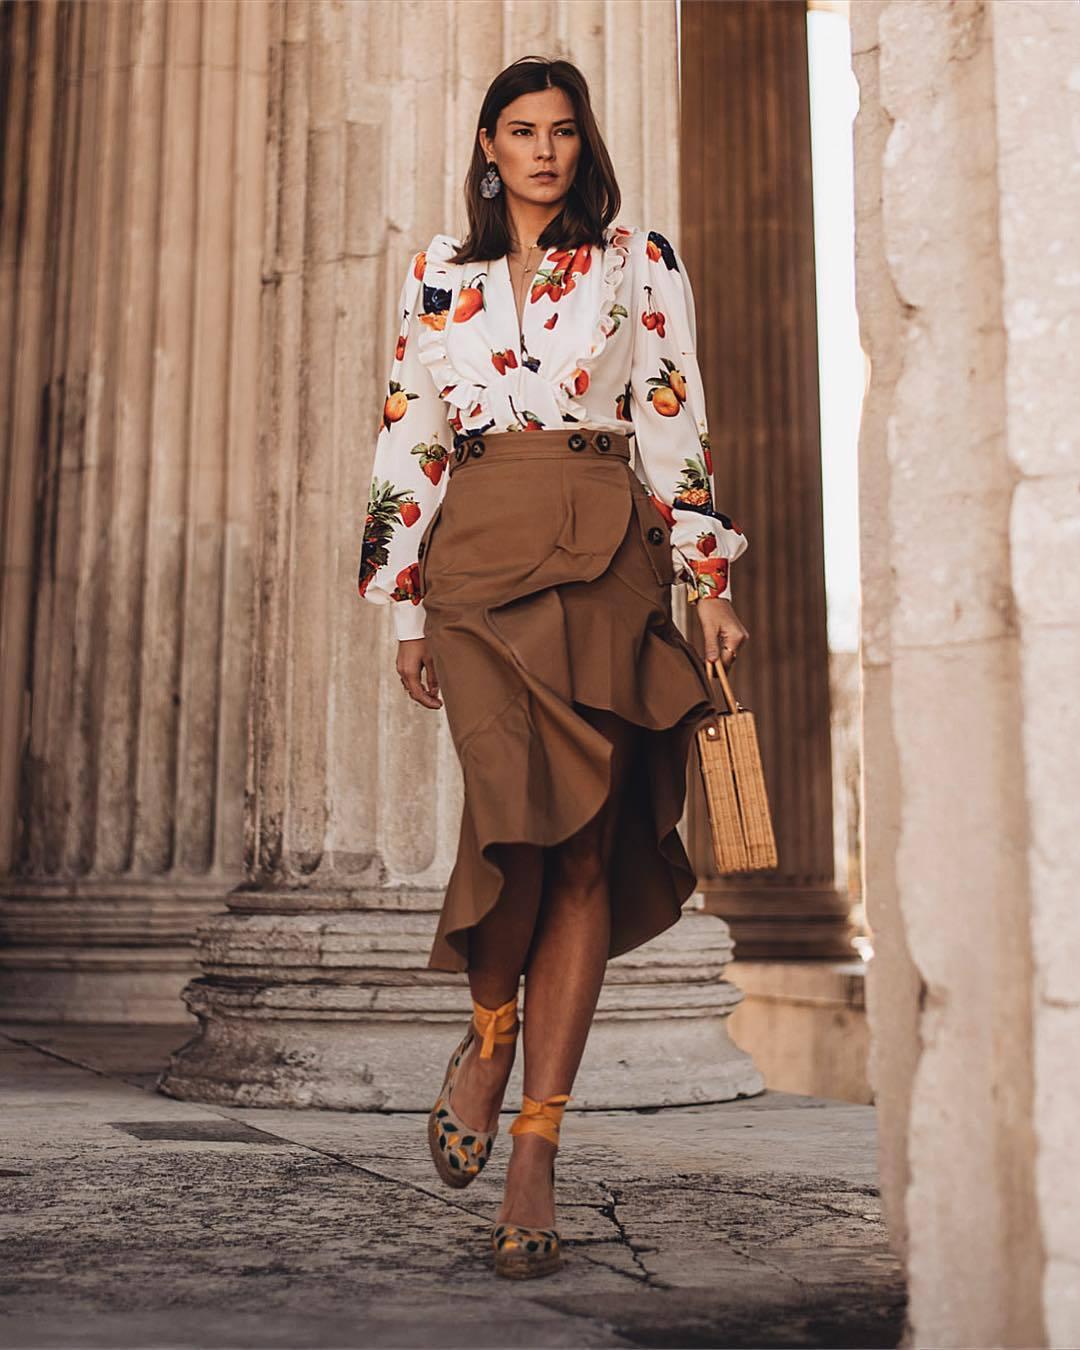 skirt midi skirt wrap skirt high waisted skirt platform shoes white blouse handbag wood